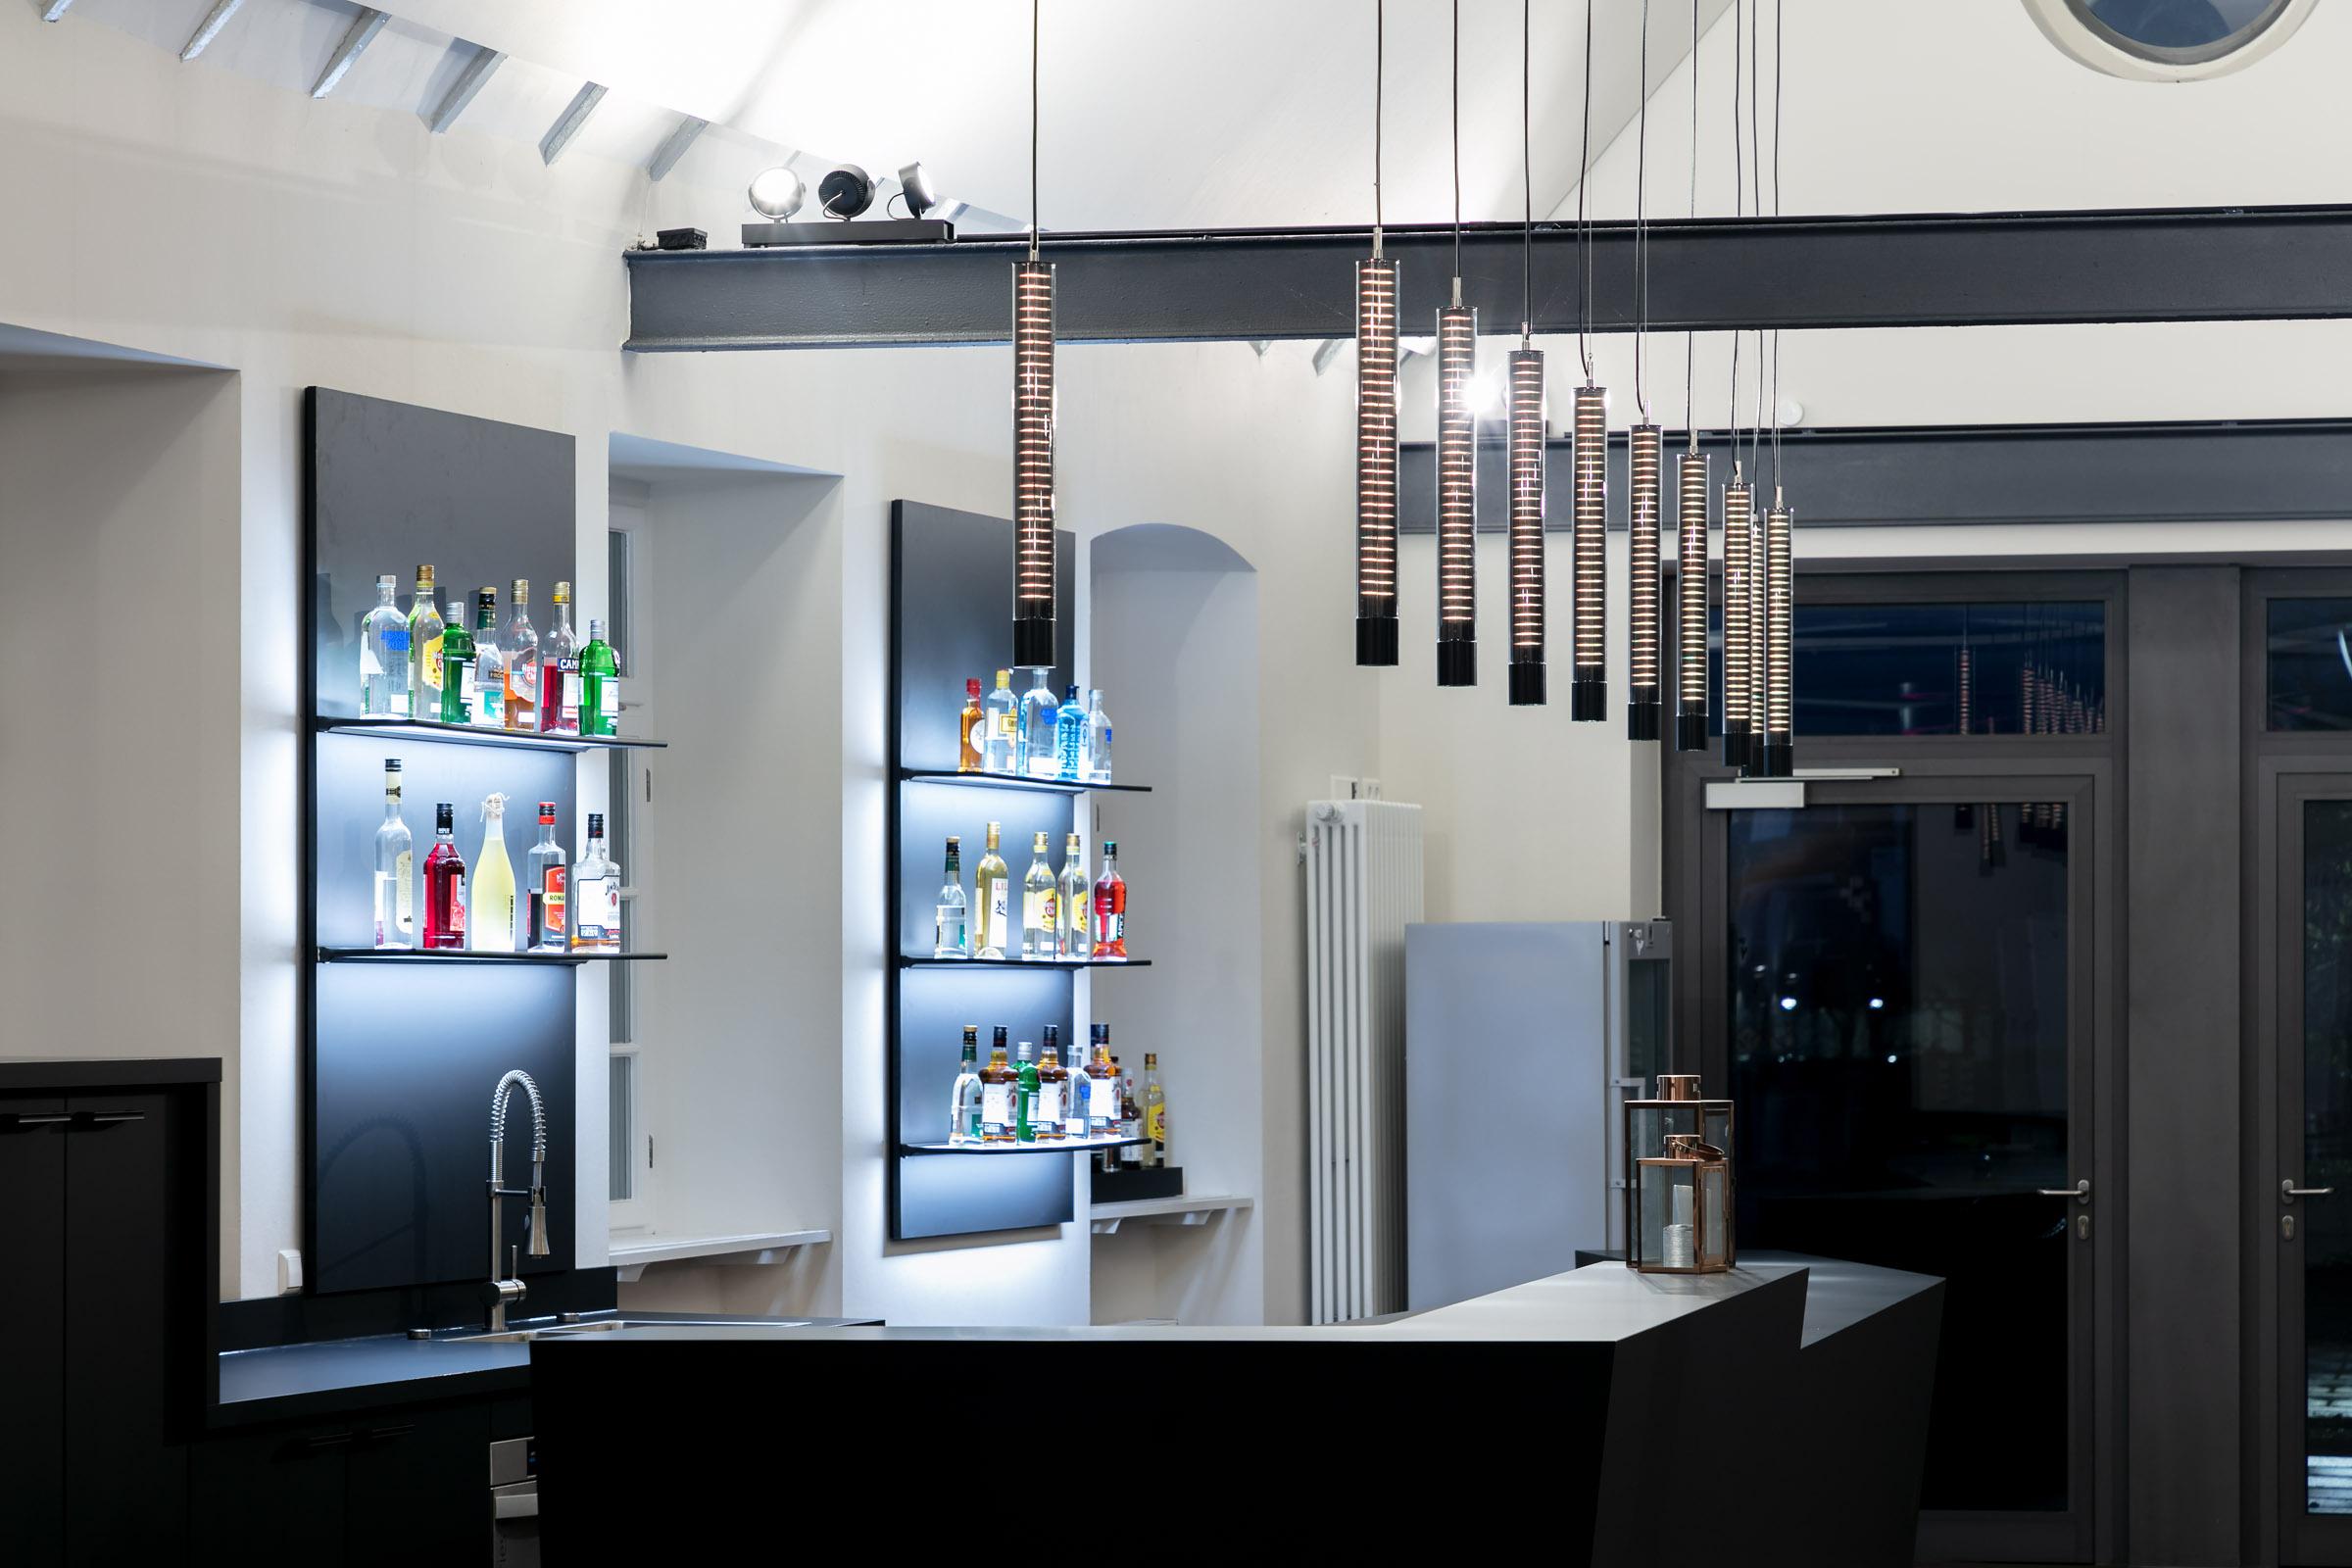 Eine Bar mit nebeneinander hängenden Pendelleuchten in weiß leuchtend